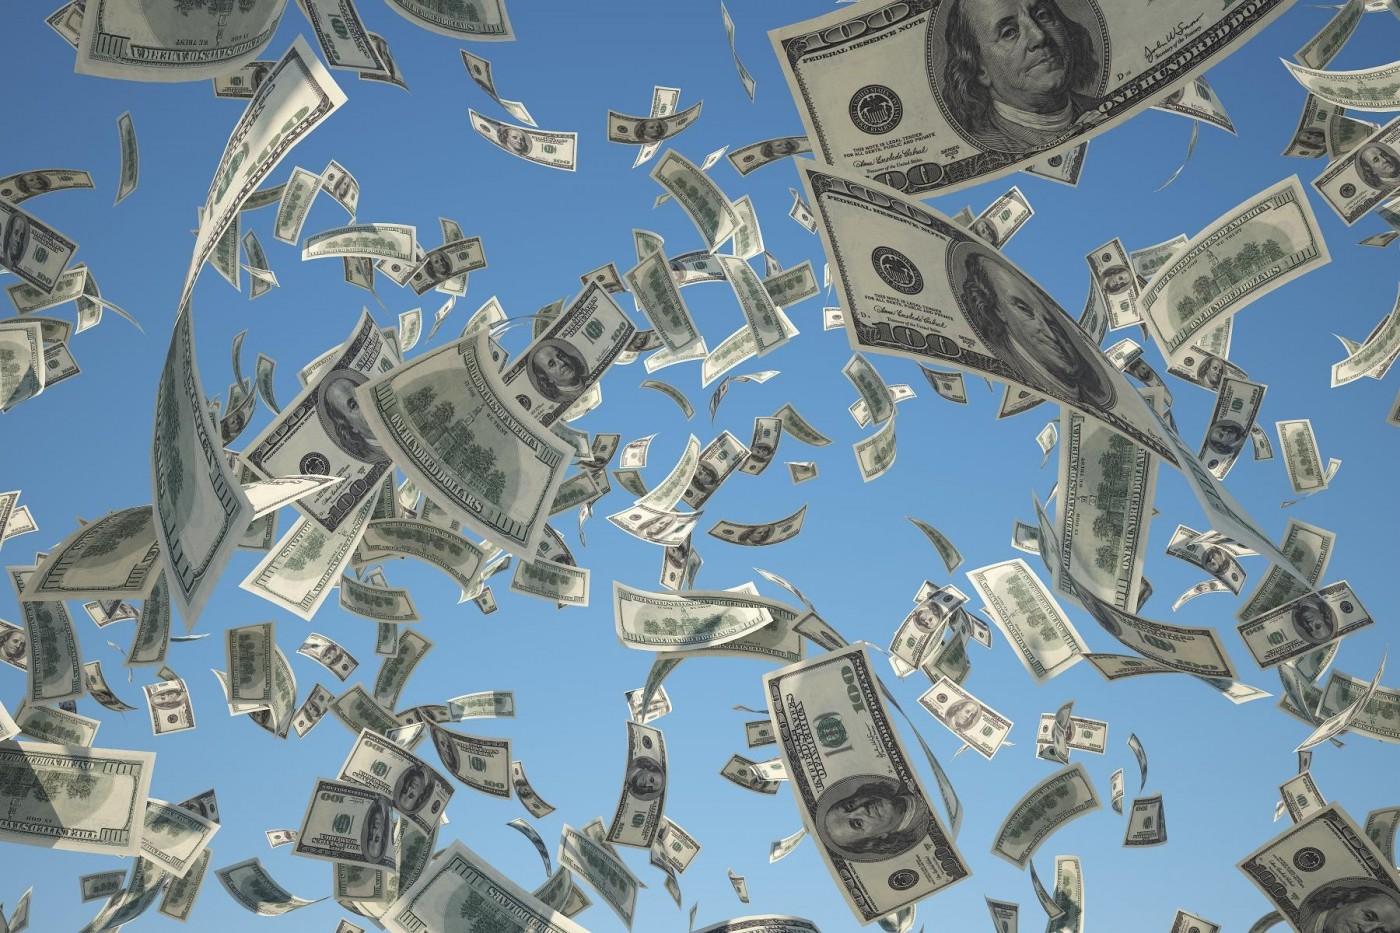 開放銀行浪潮席捲各行業,資策會MIC:未來10年金融服務將無所不在!